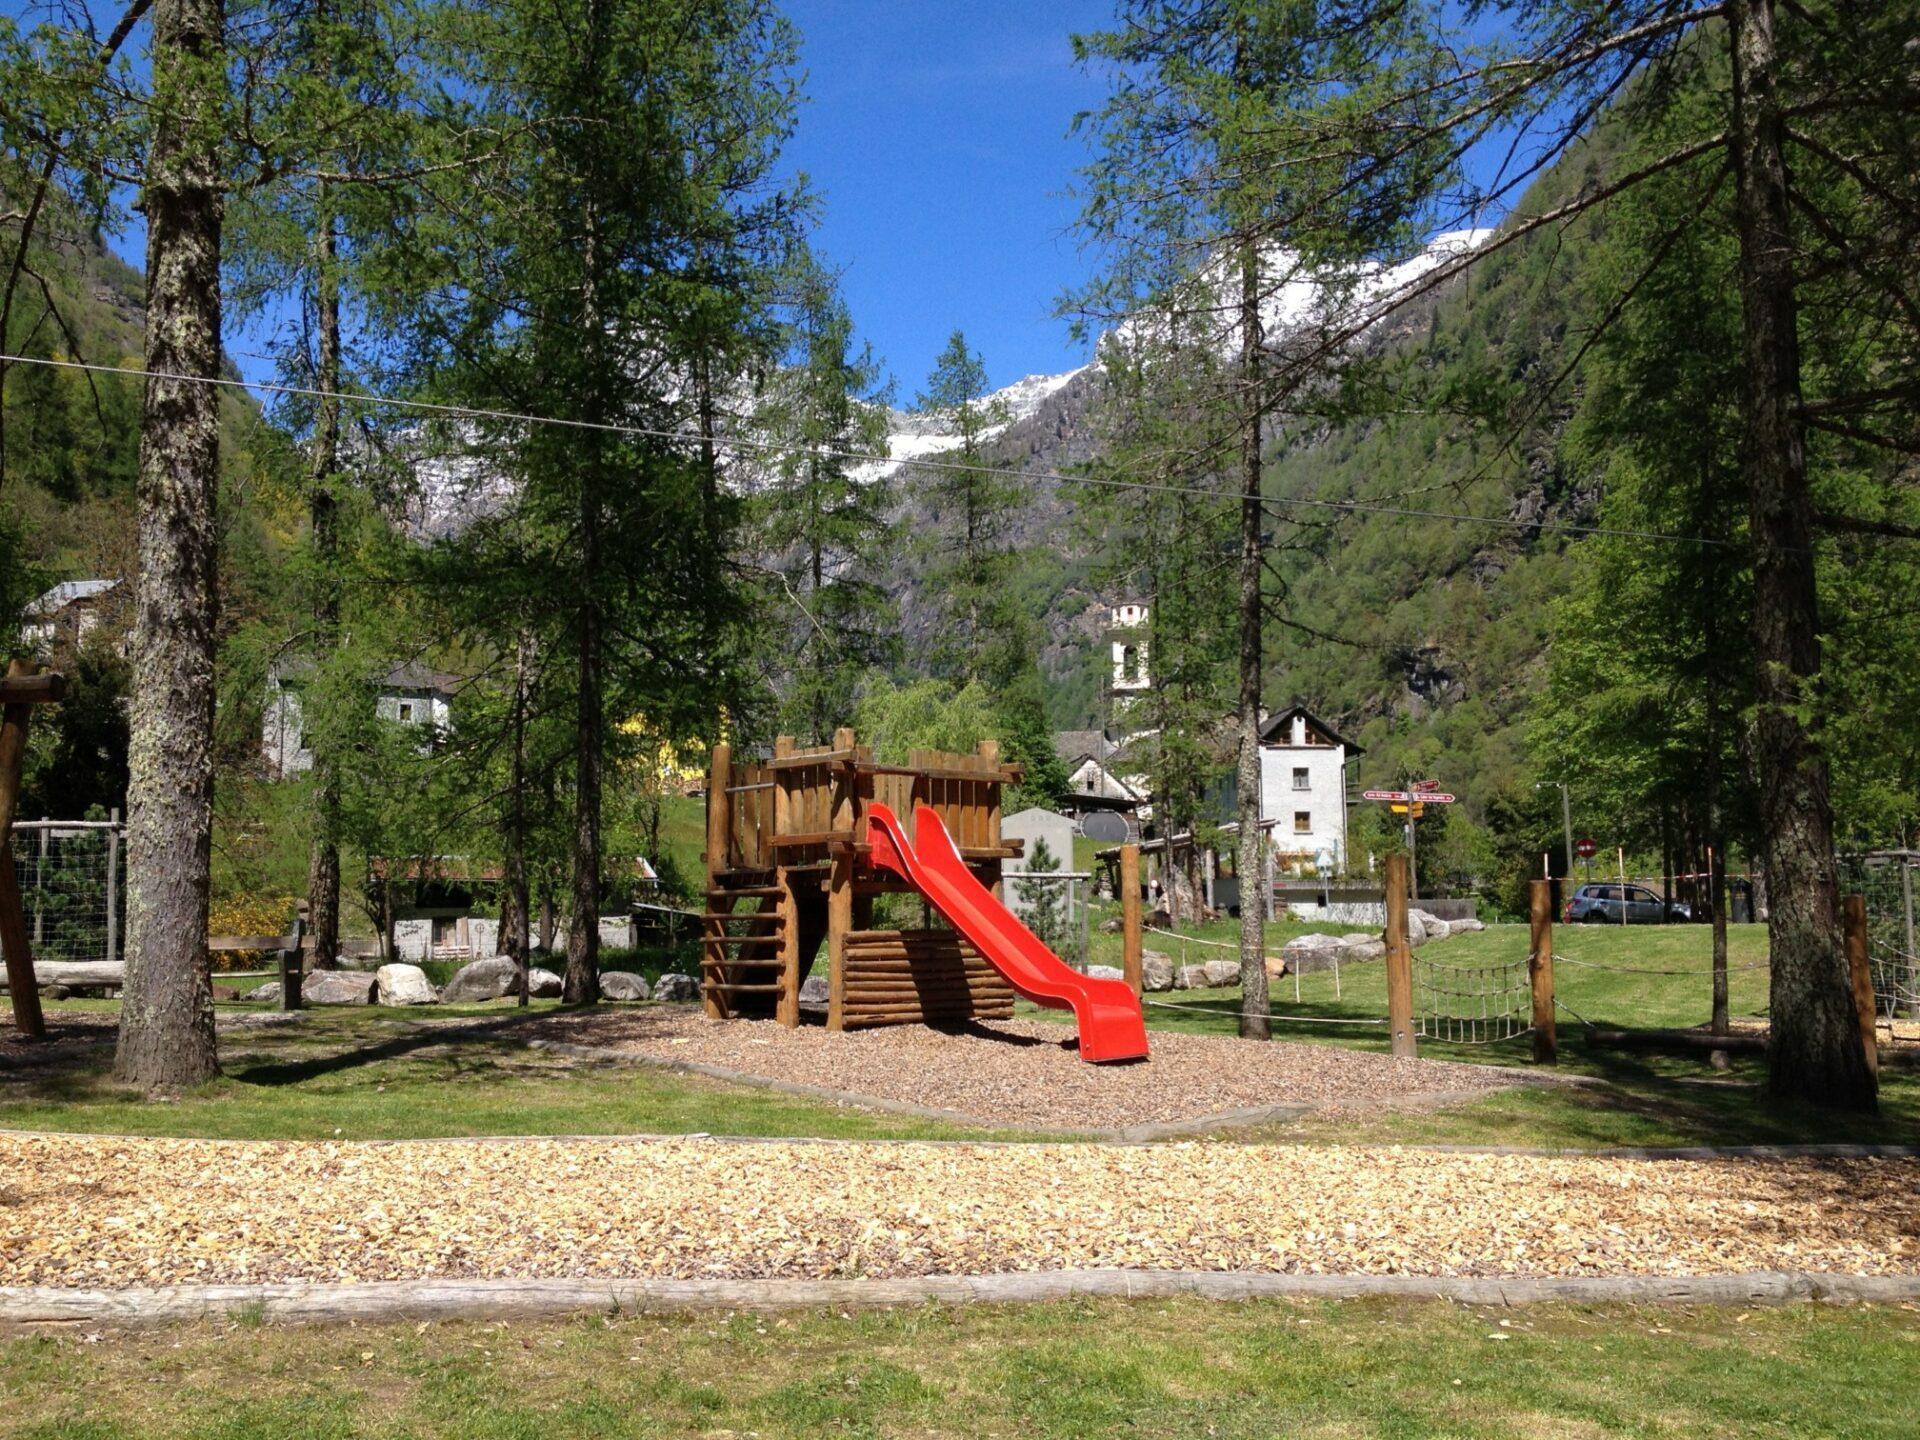 Spielplatz in Sonogno